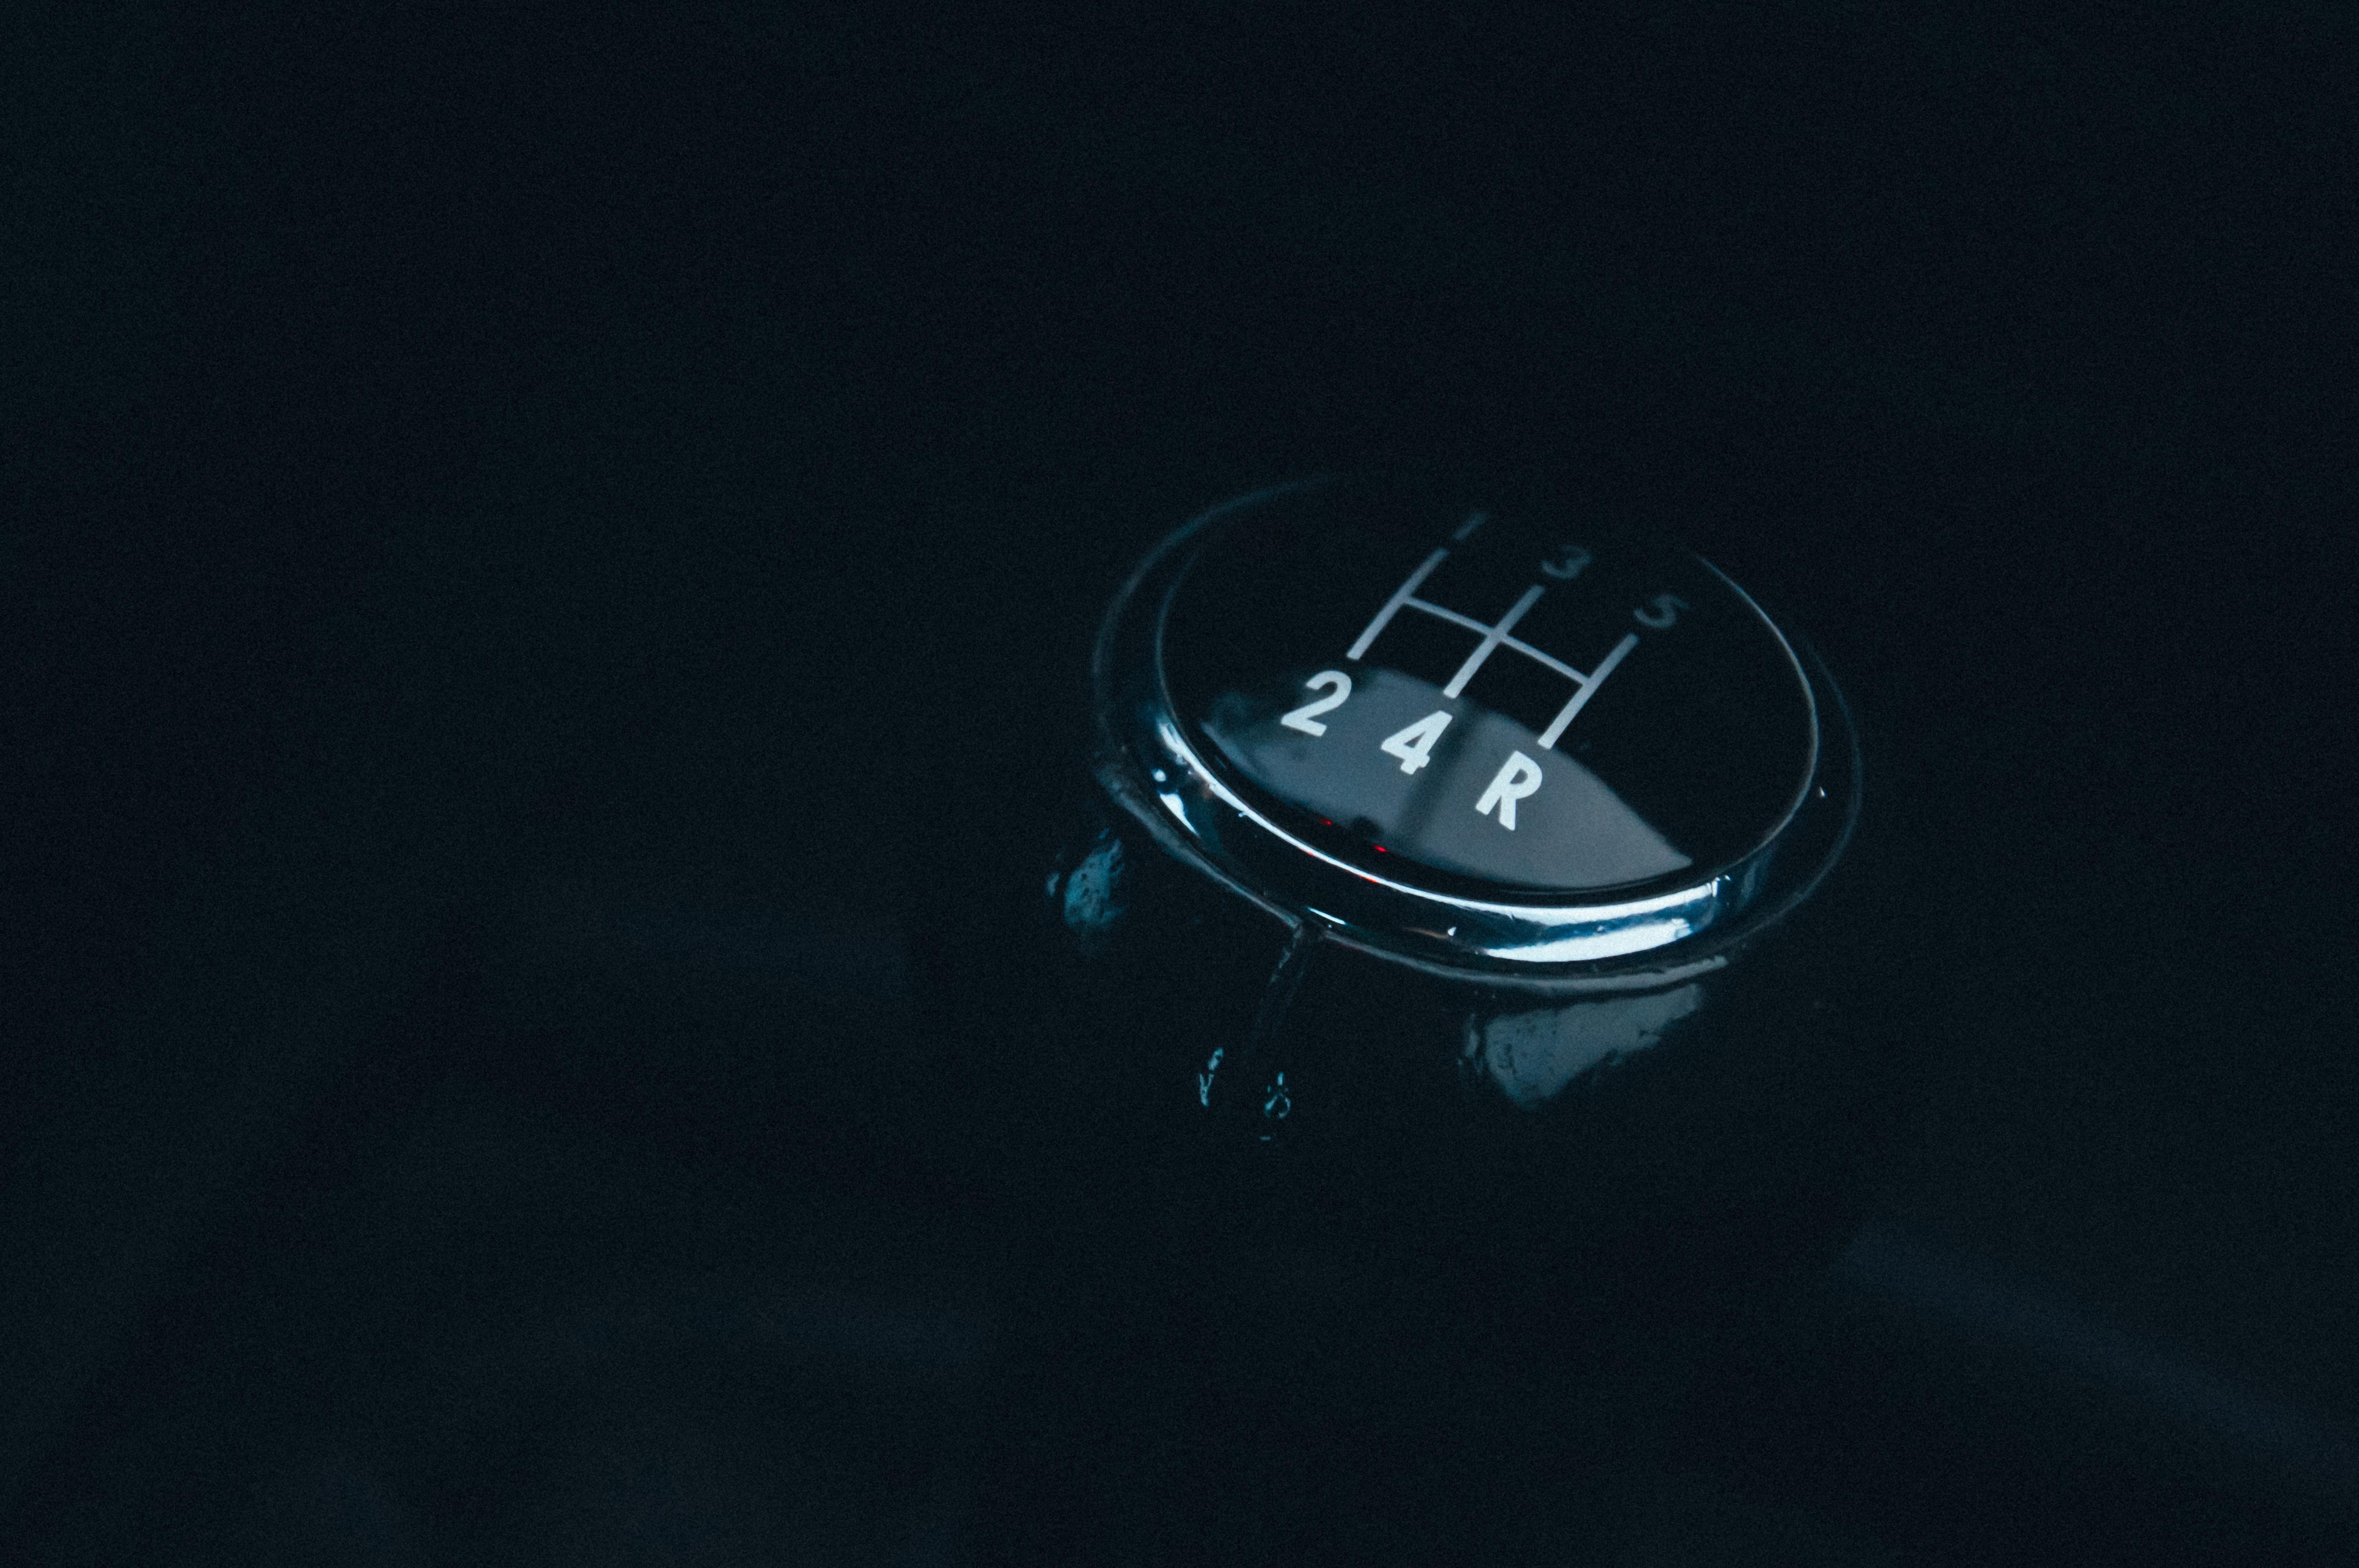 Gambar Tangan Cahaya Teknologi Olahraga Mobil